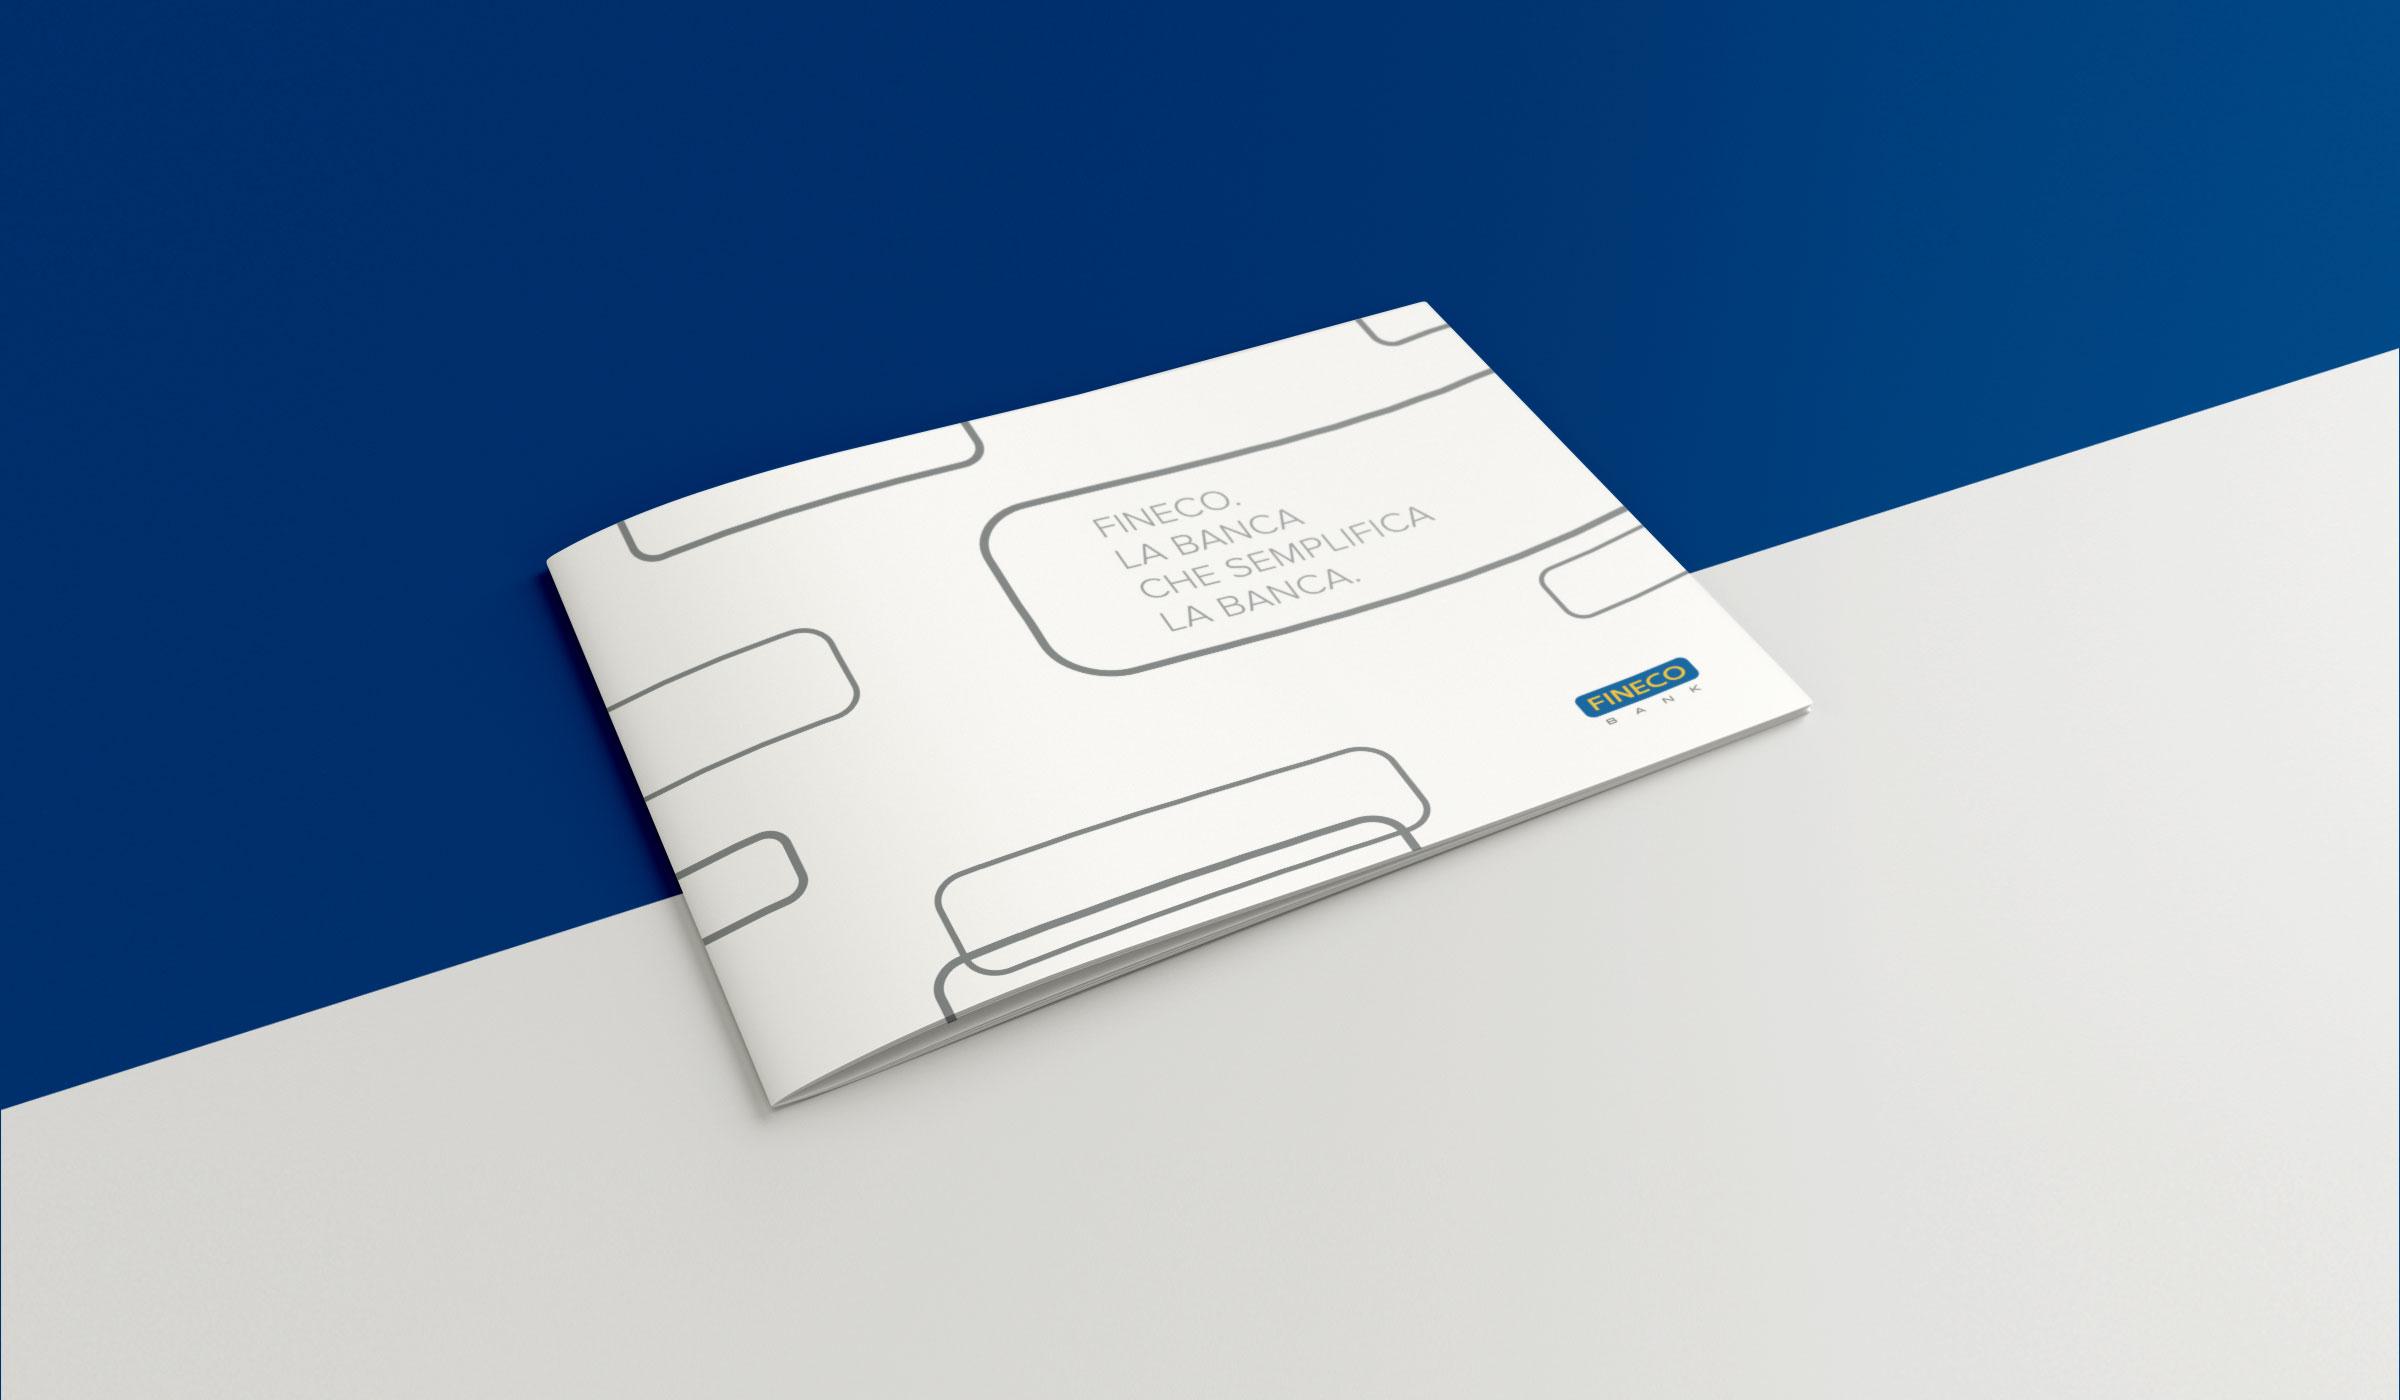 Fineco brochure istituzionale copertina